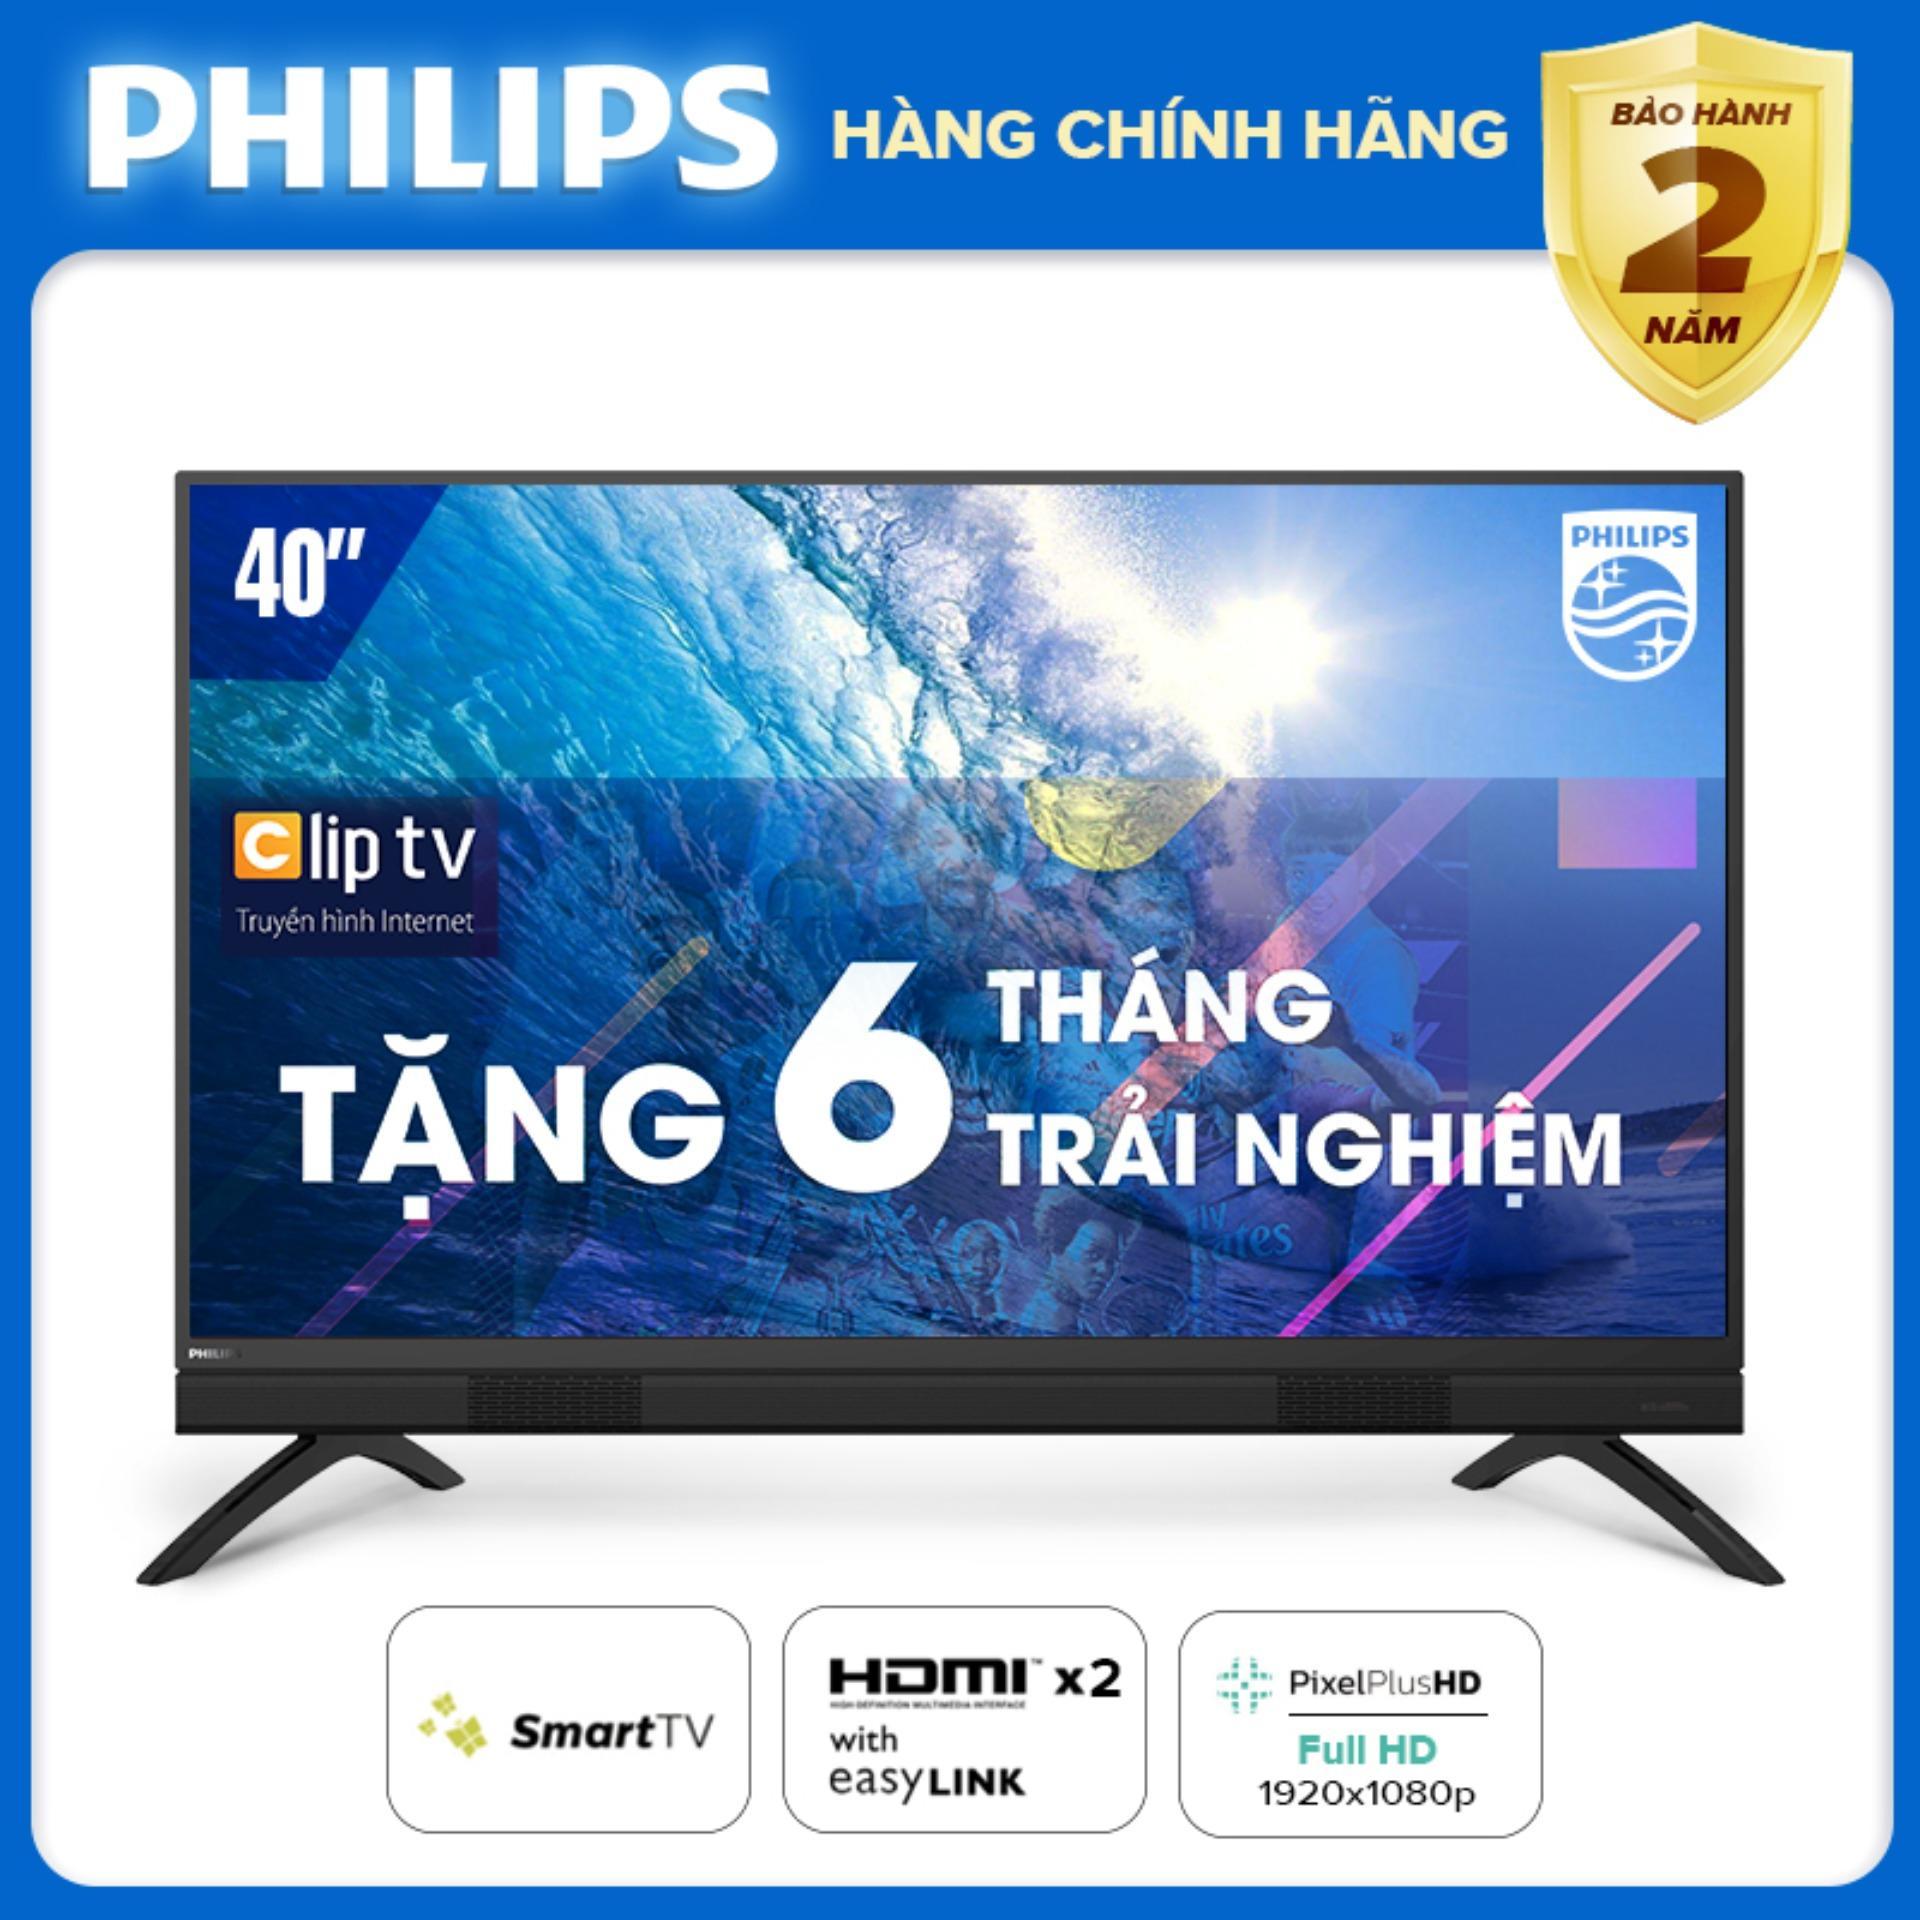 Bảng giá SMART TIVI 40 INCH FULL HD KẾT NỐI INTERNET WIFI - hàng Thái Lan - Free 6 tháng xem Clip TV - Bảo hành 2 năm tại nhà - 40PFT5883/74 Tivi Philips